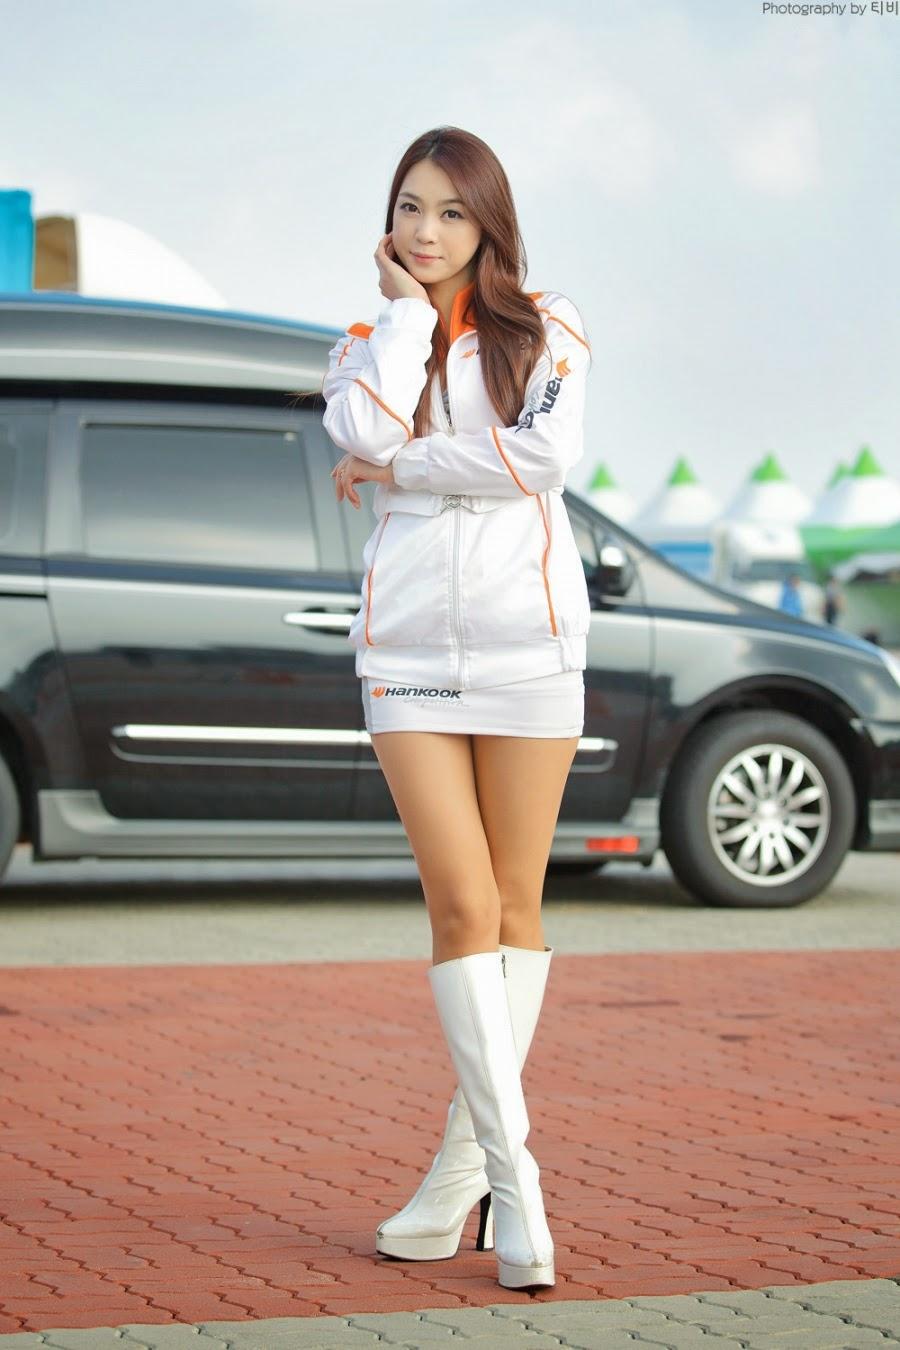 Người đẹp chân dài trắng xinh gợi cảm